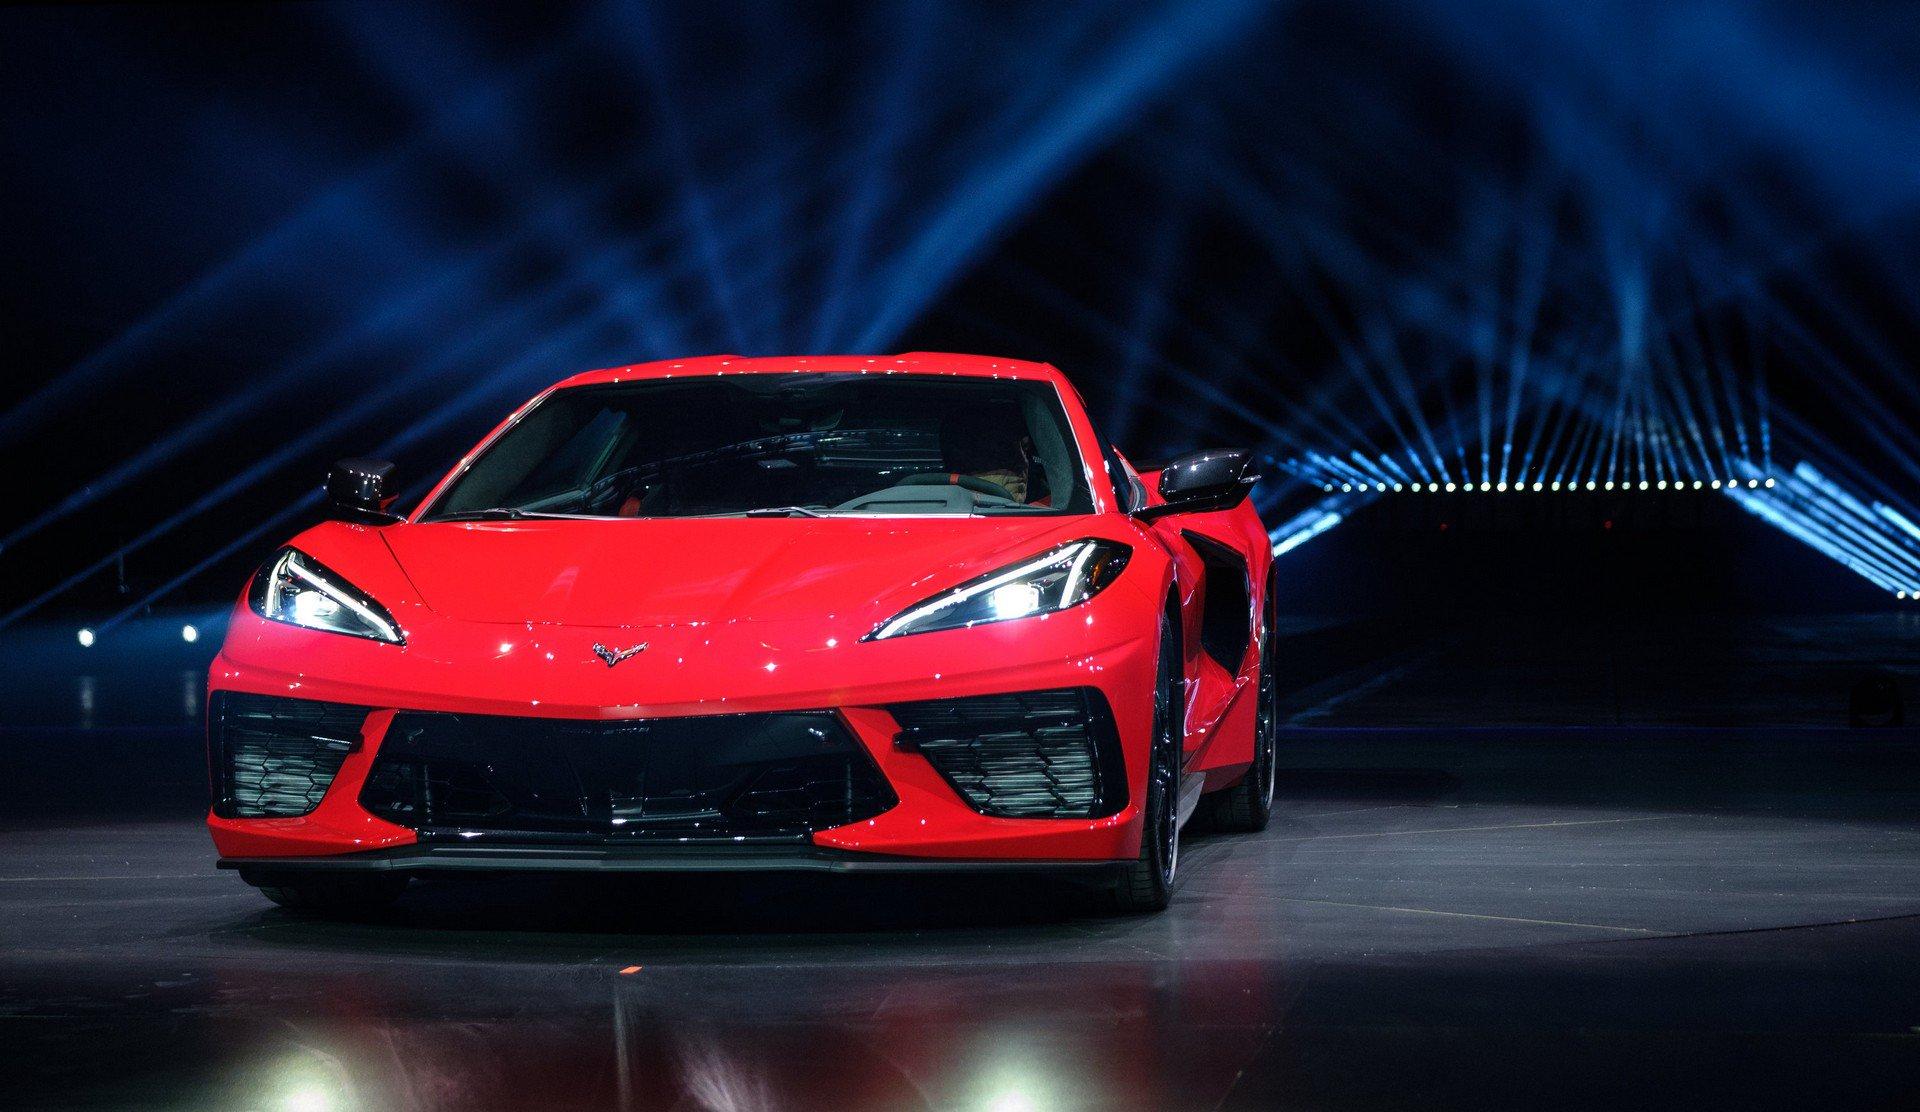 Chevrolet ra mắt Corvette C8 thế hệ mới thiết kế táo bạo, động cơ đặt giữa - 18